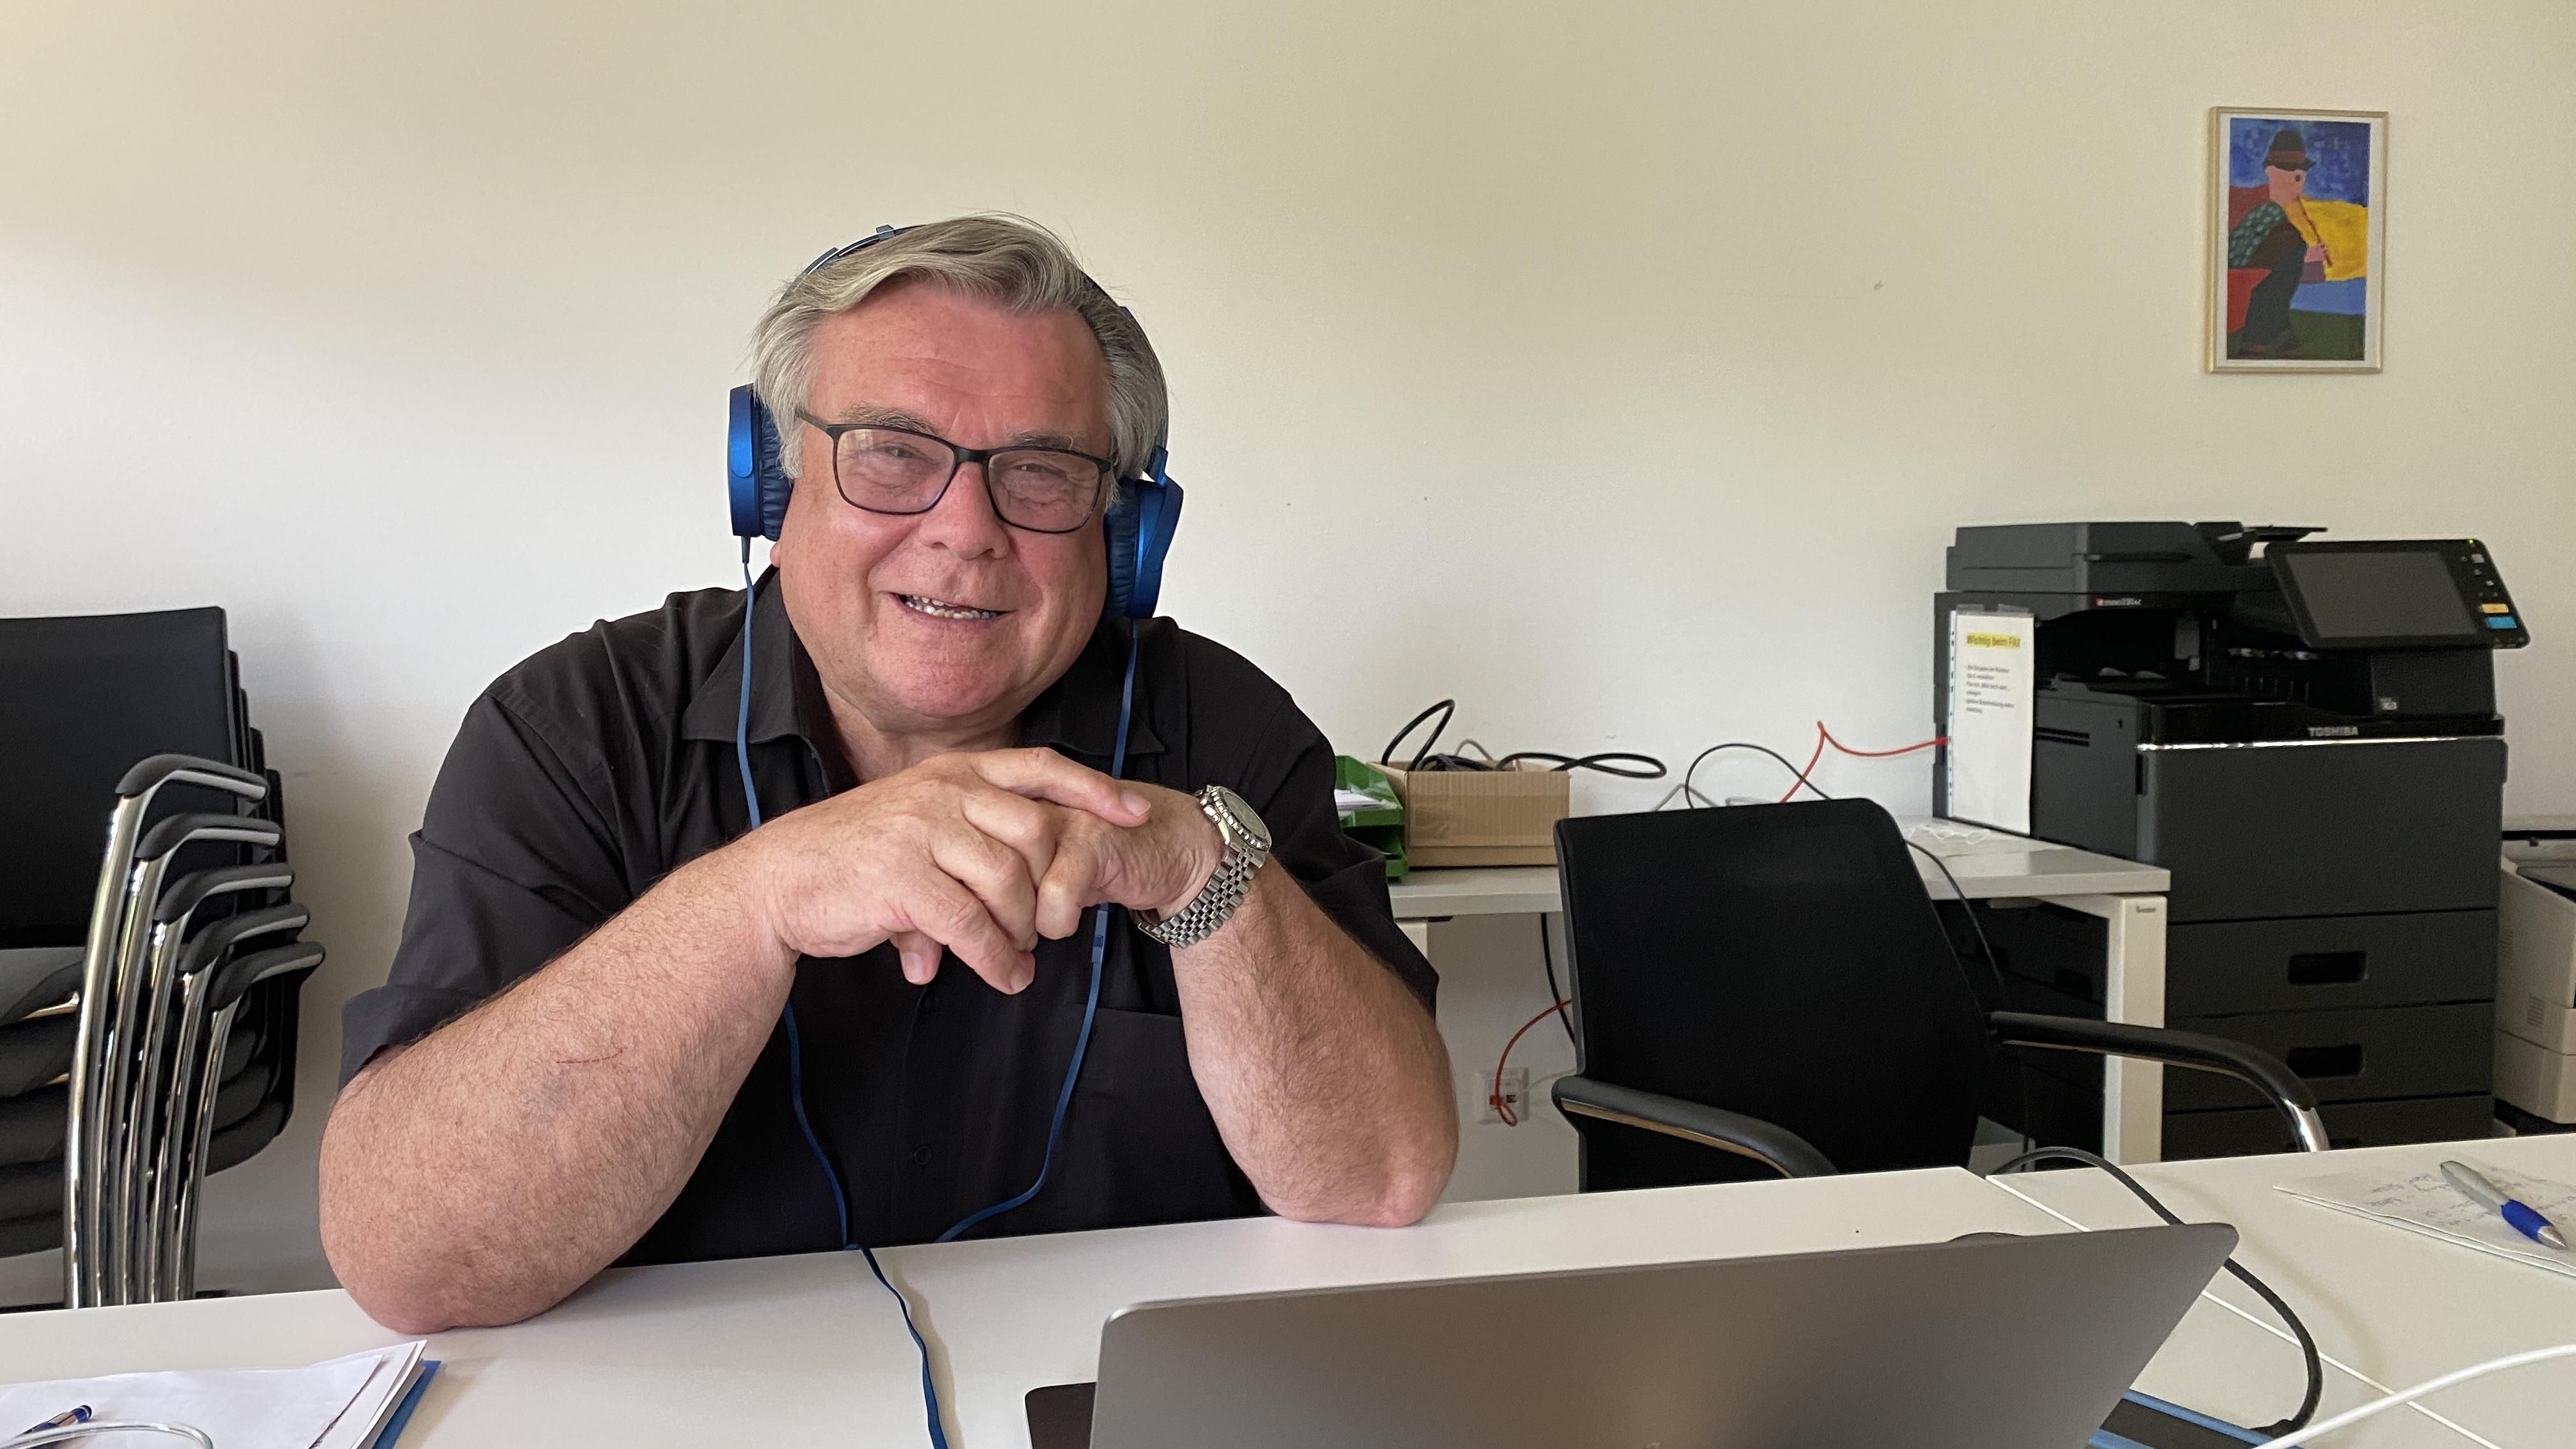 Gerhard John beim Live-Interview mit Tom Viewegh. Zwei Stunden ratschten die beiden über Gott und die Welt - vor allem über Heimat, Menschen und die Lebenshilfe. Bild: Inklusive Wohnwelt Altdorf